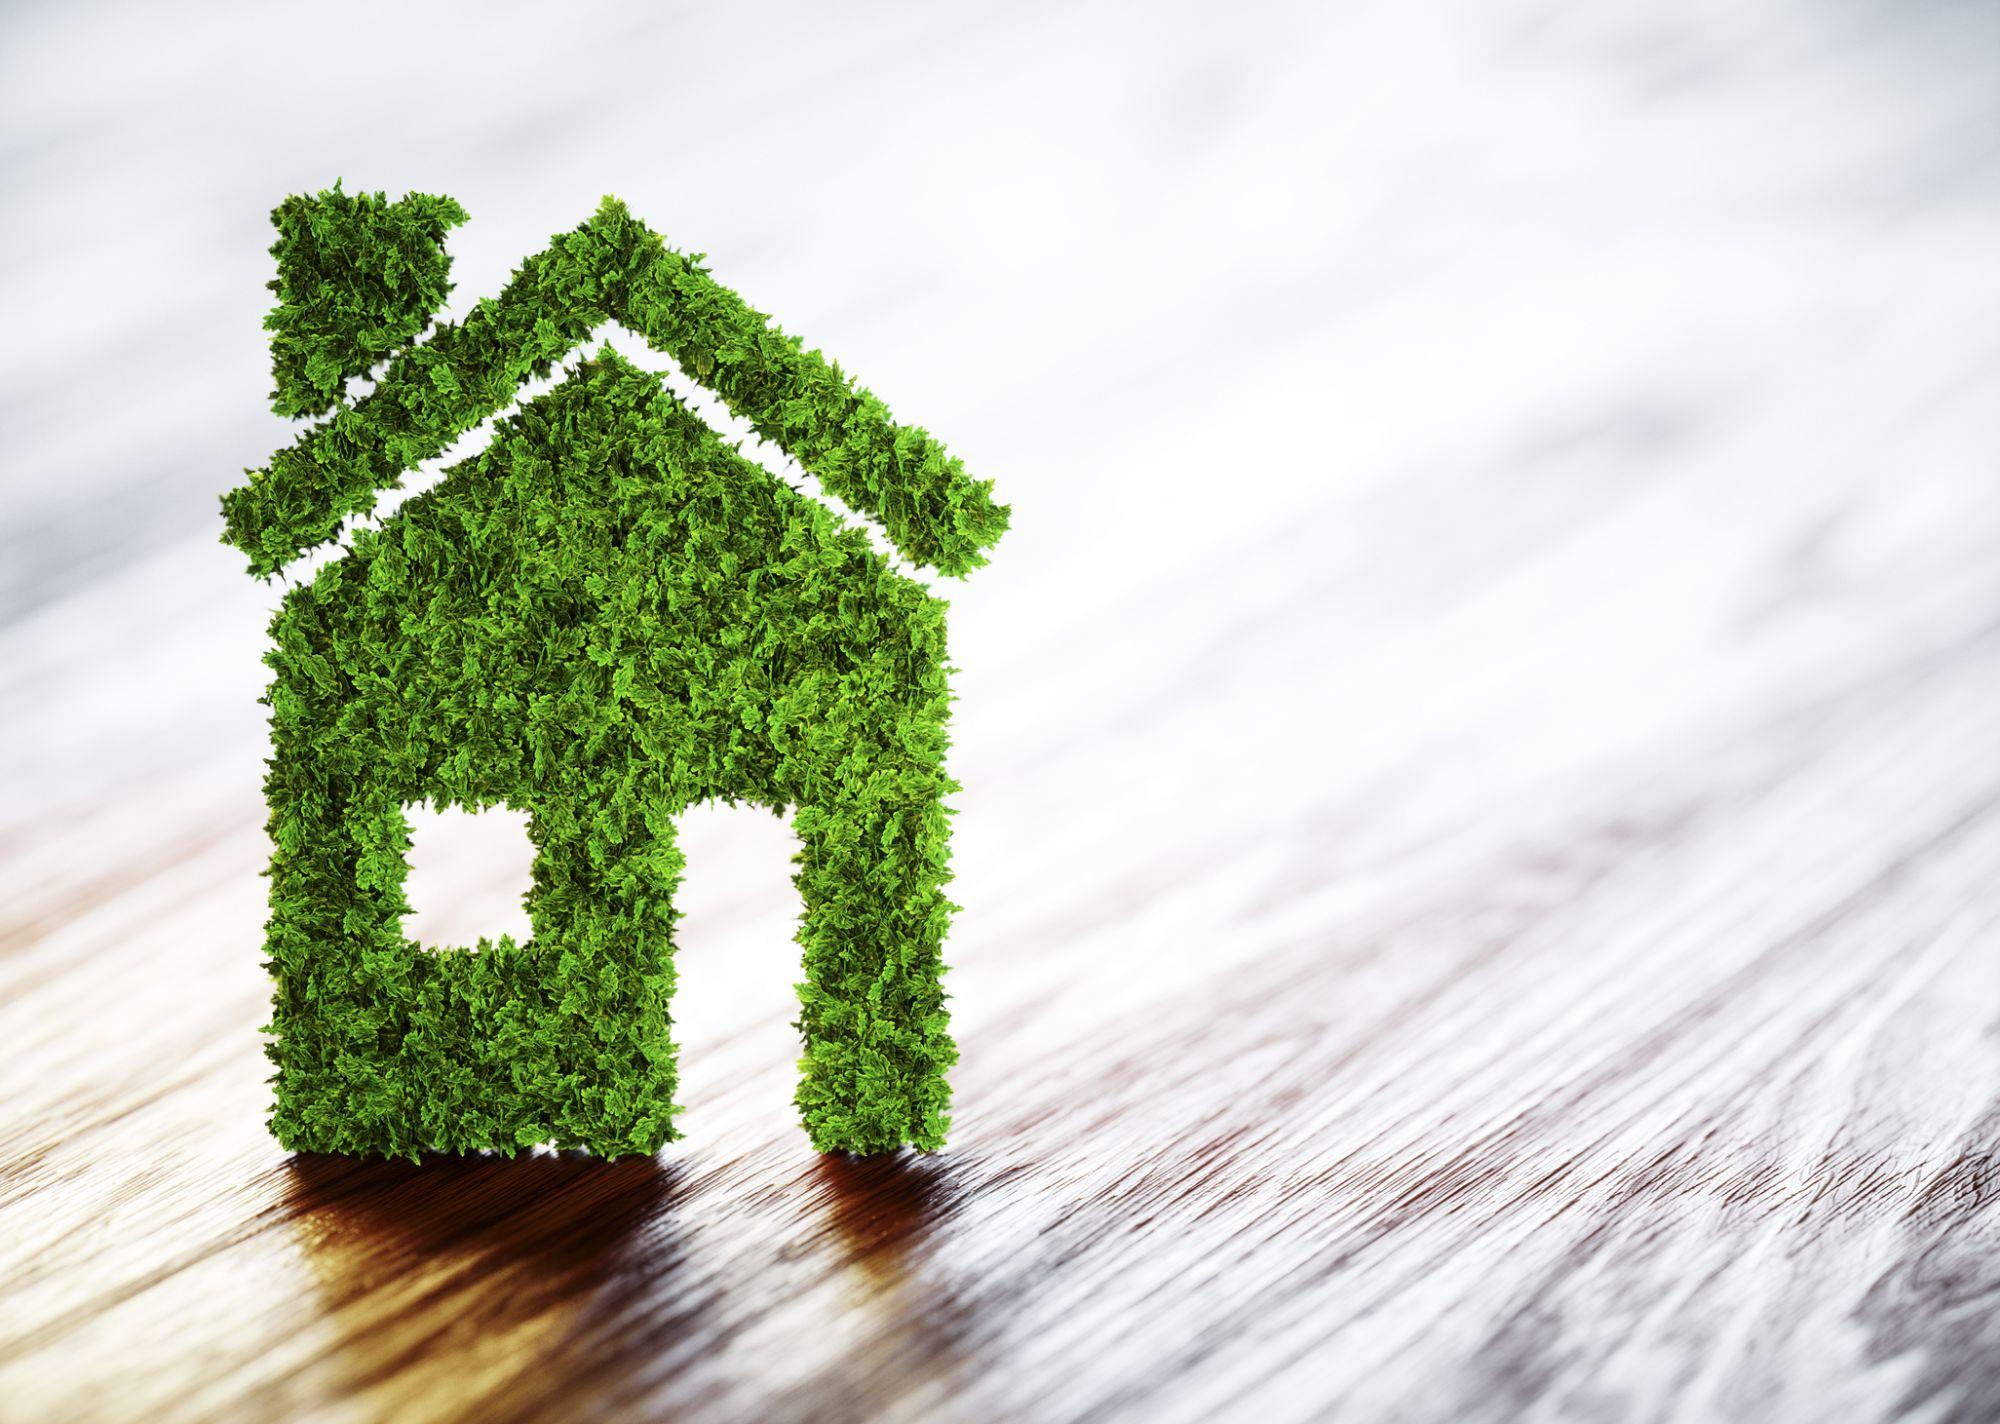 Hulp bij financiering voor verduurzamen woning